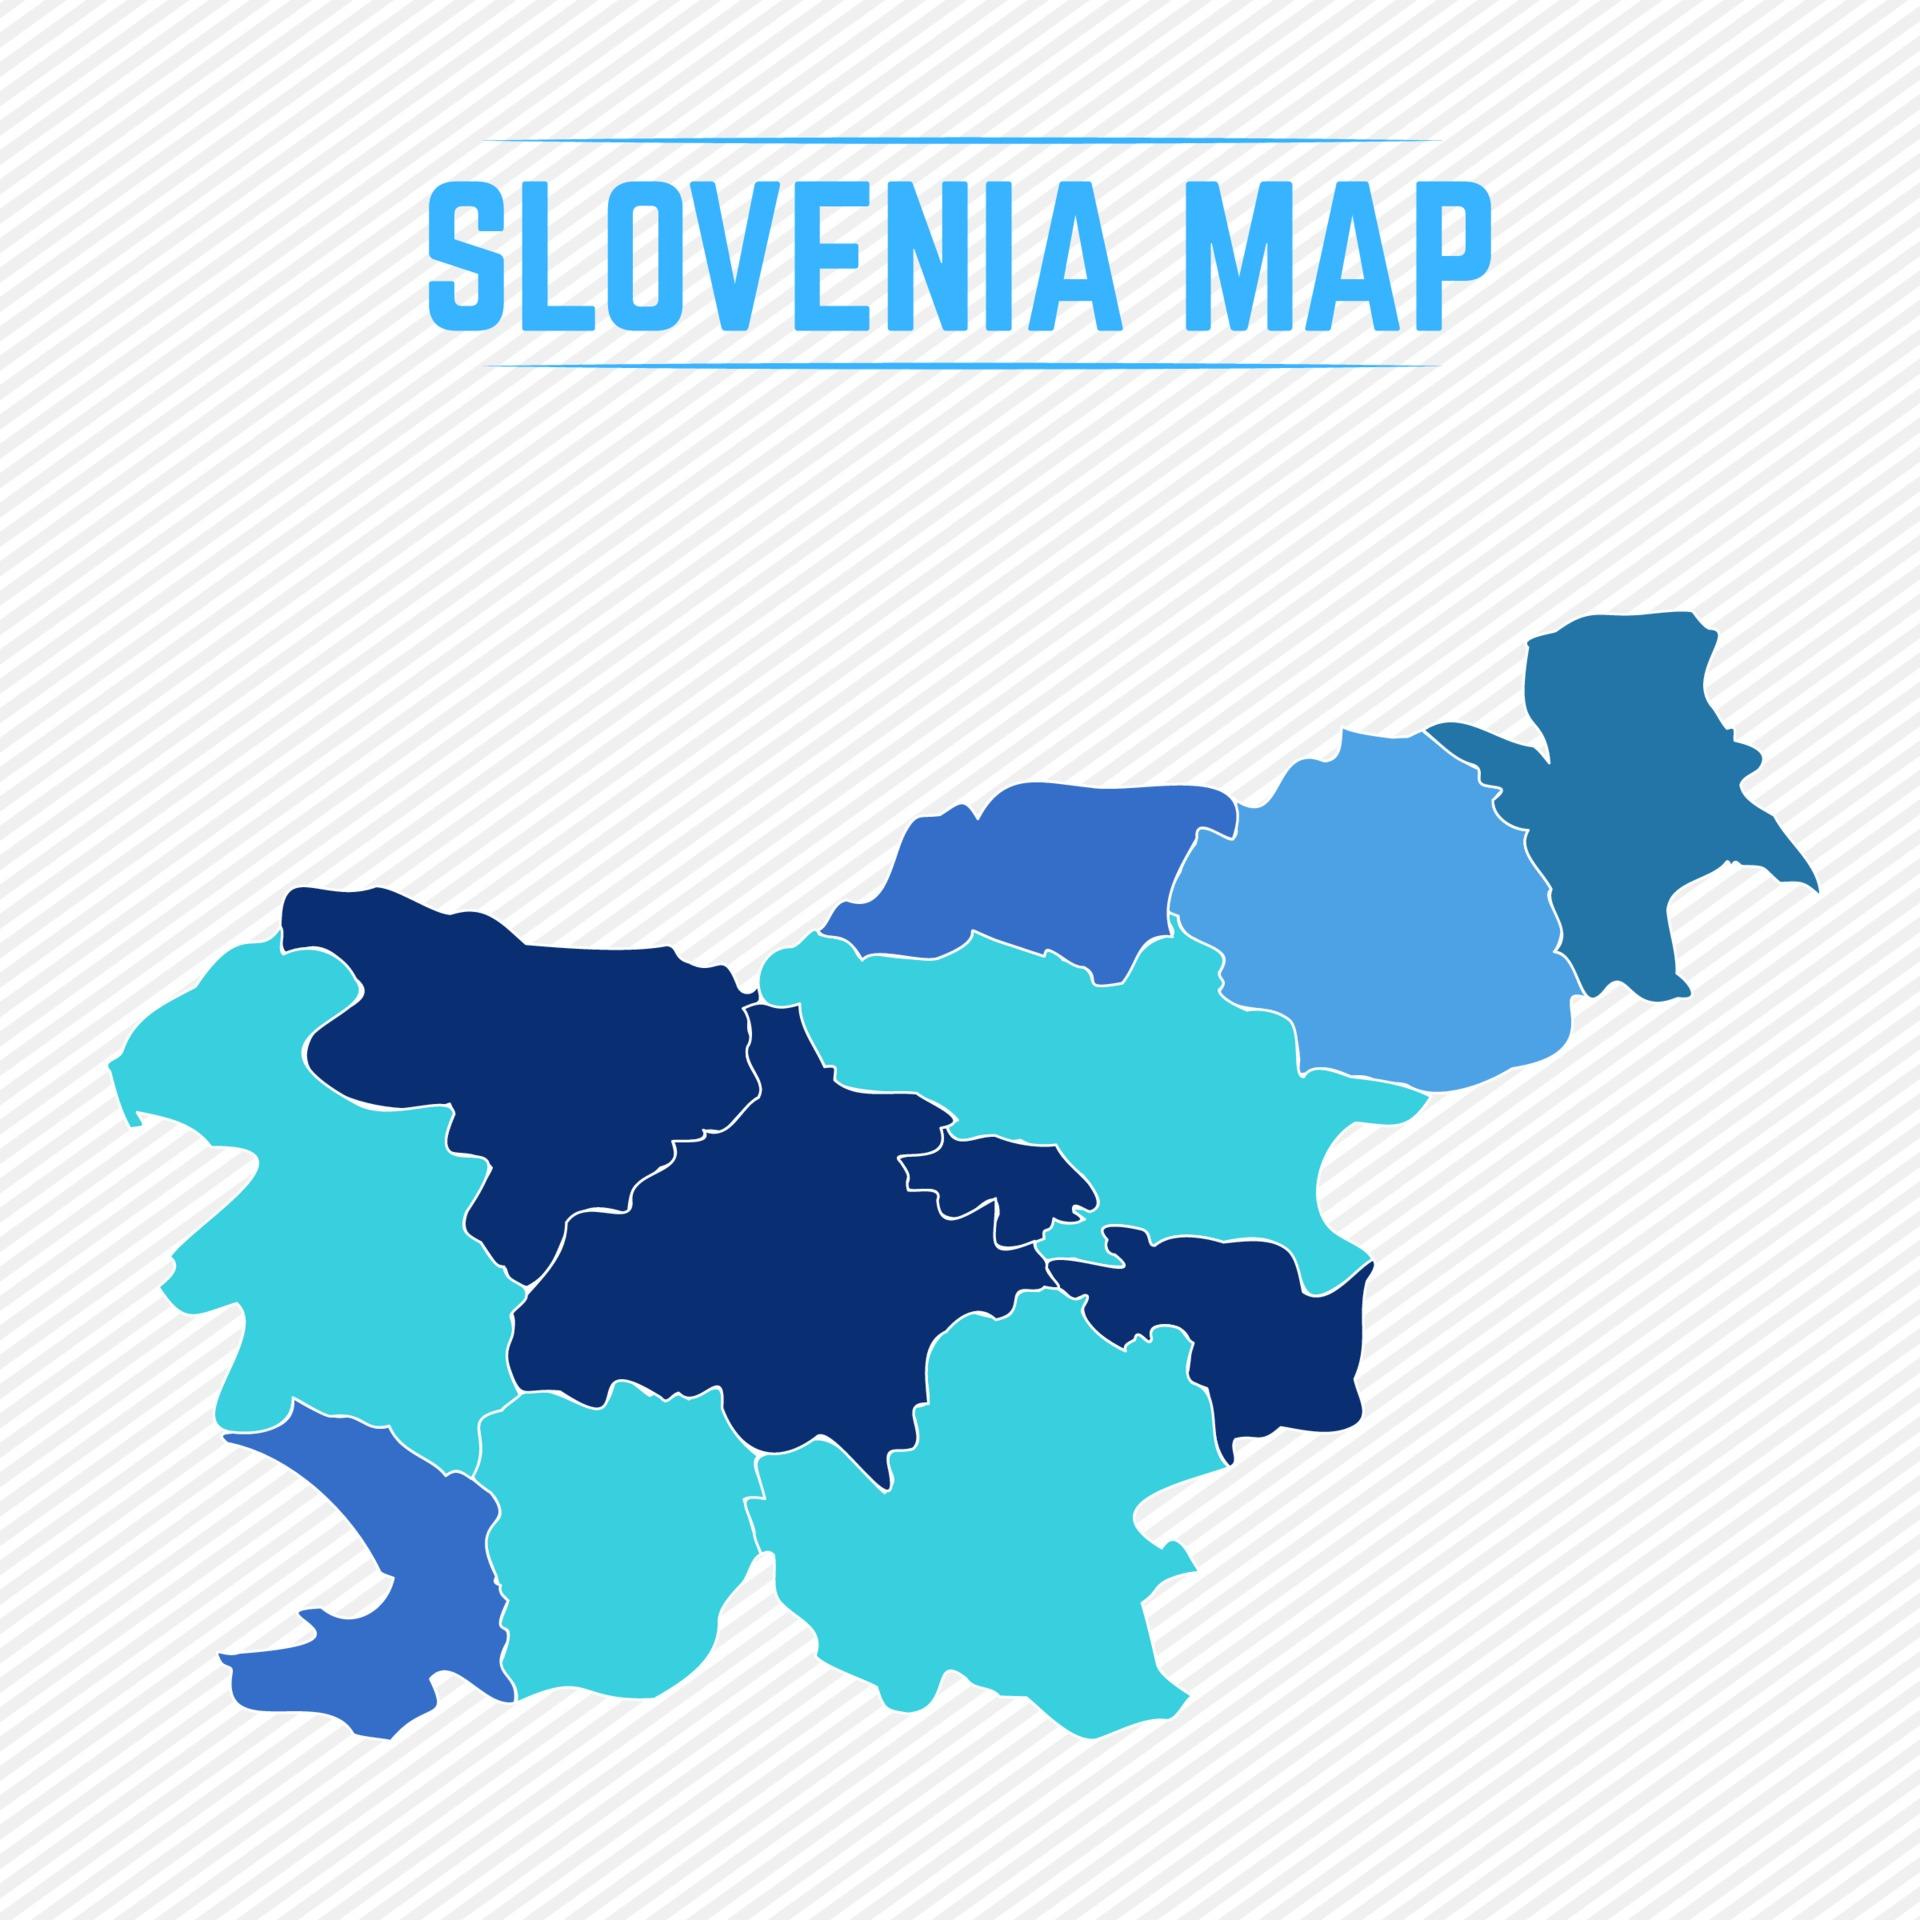 Croazia E Slovenia Cartina Geografica.Cartina Stradale Slovenia Croazia